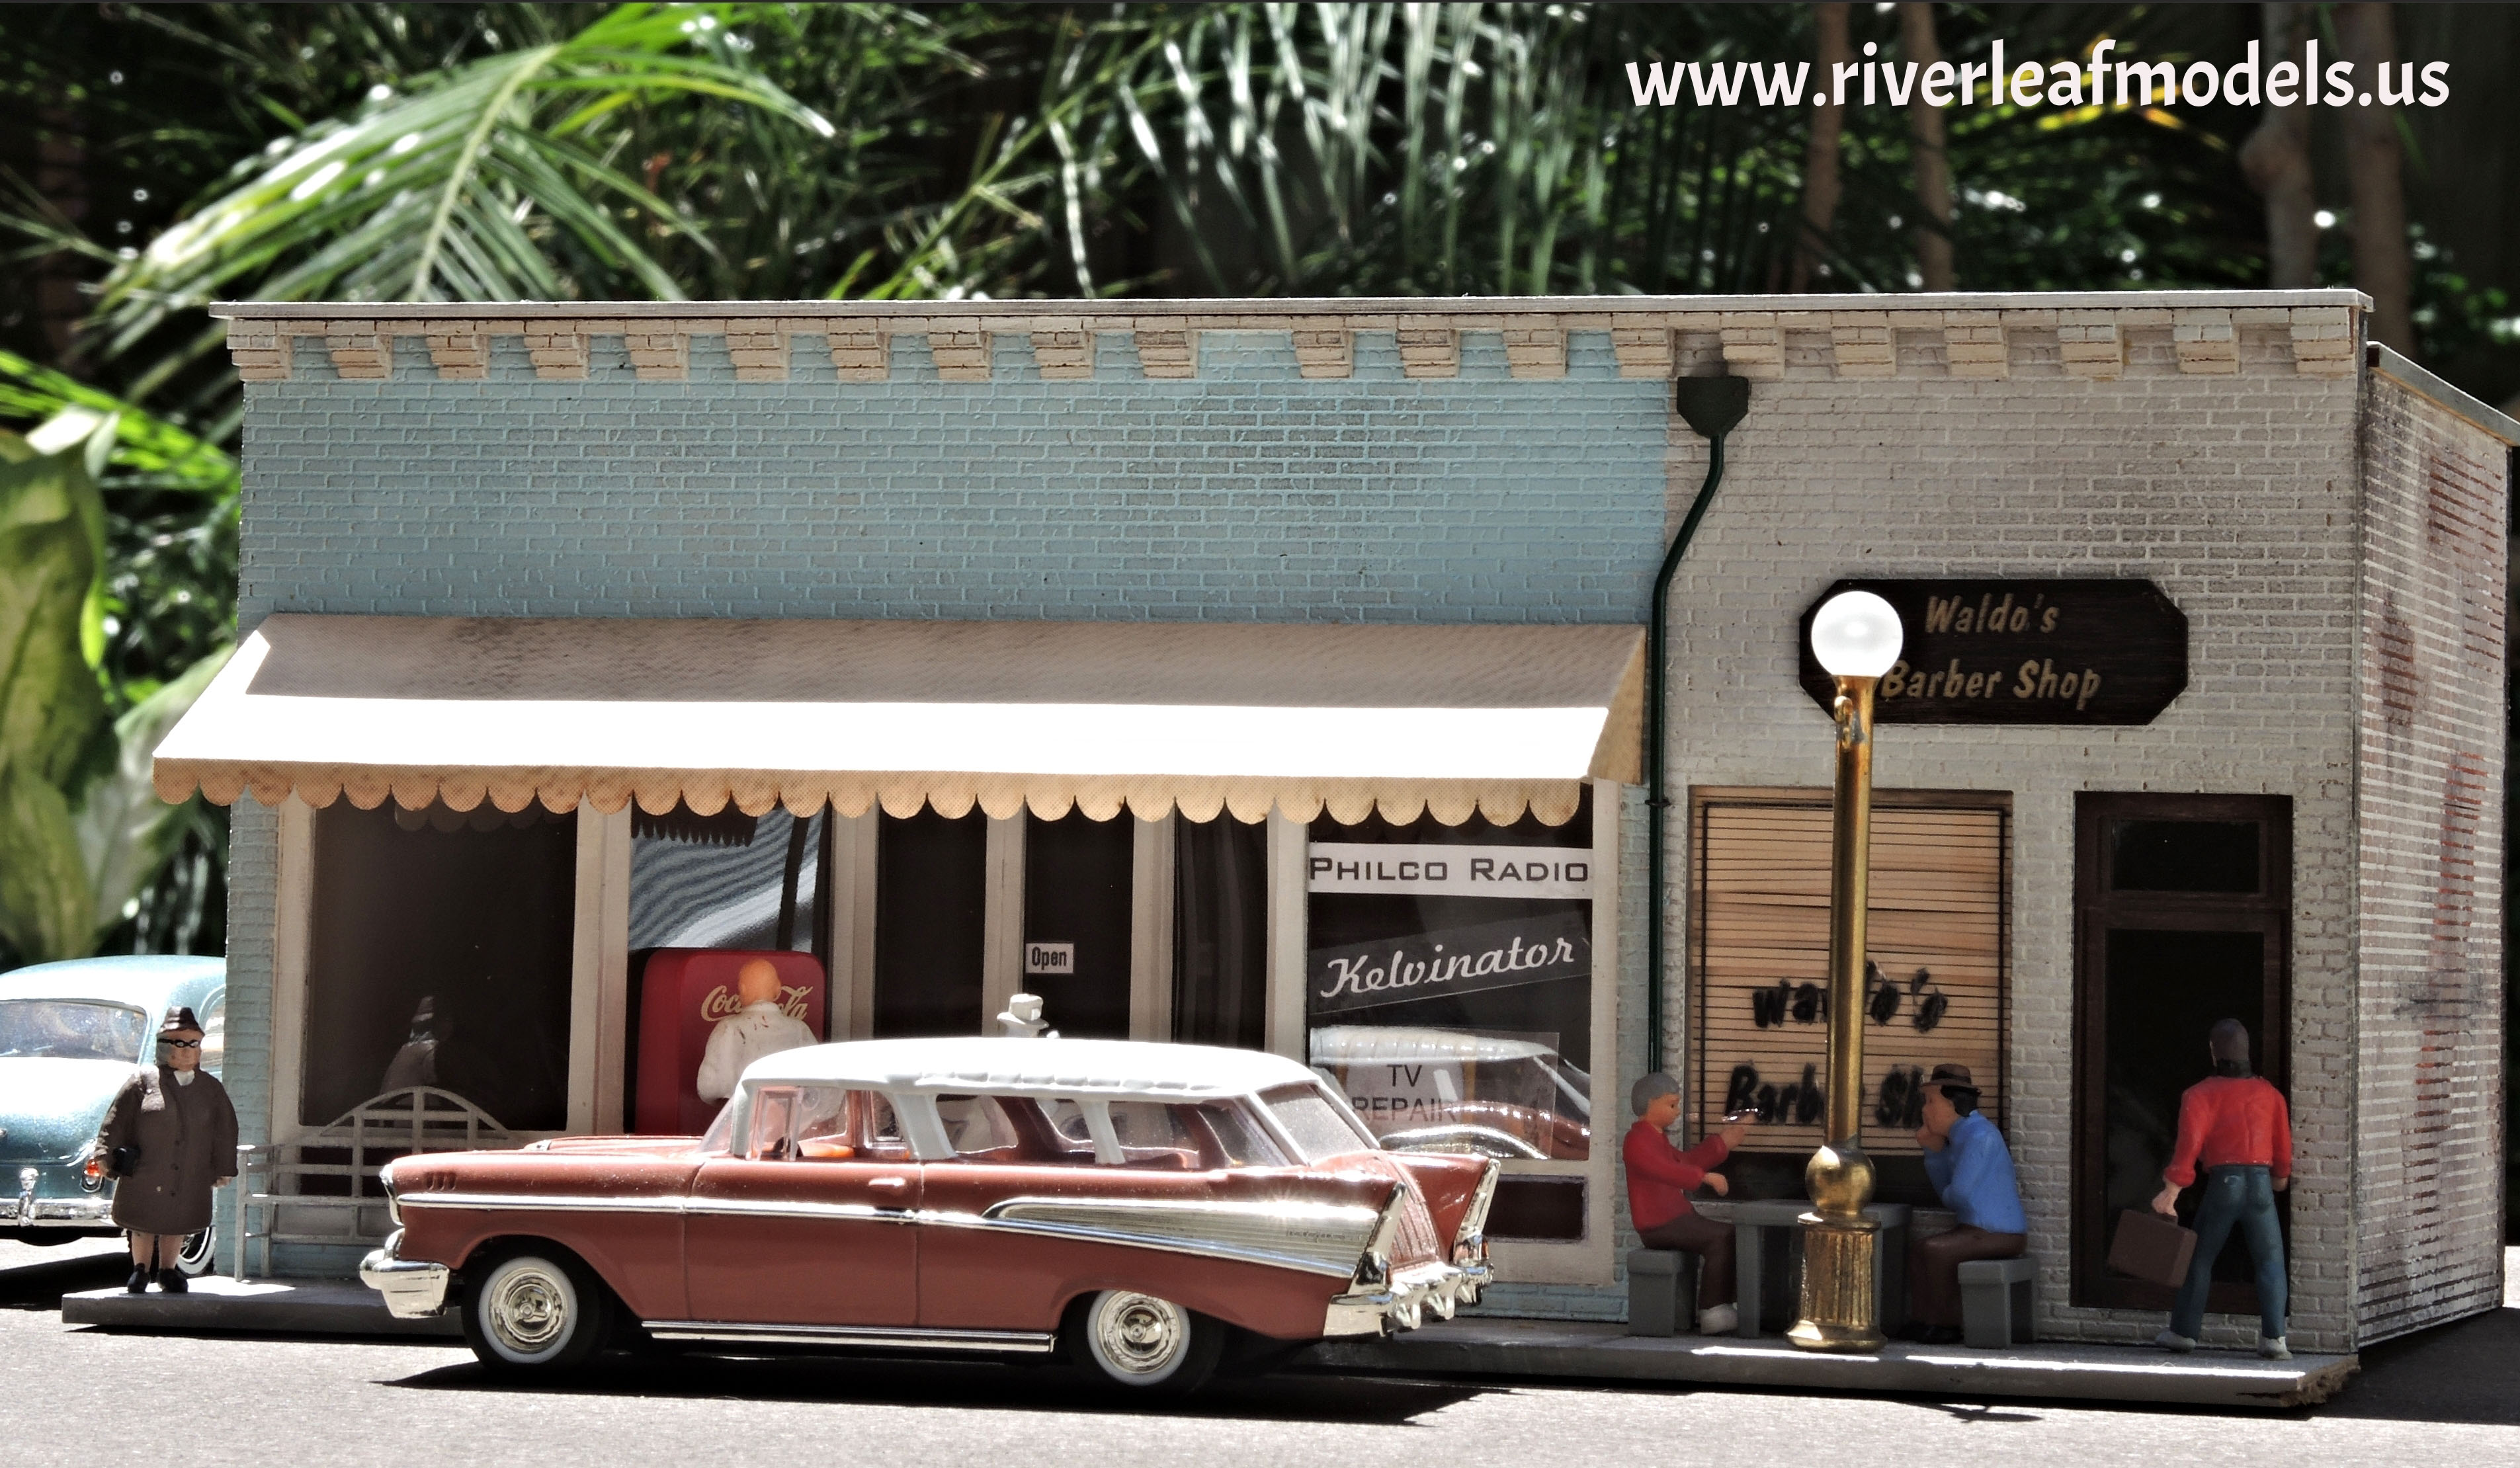 General Appliances And Barber Shop River Leaf Models